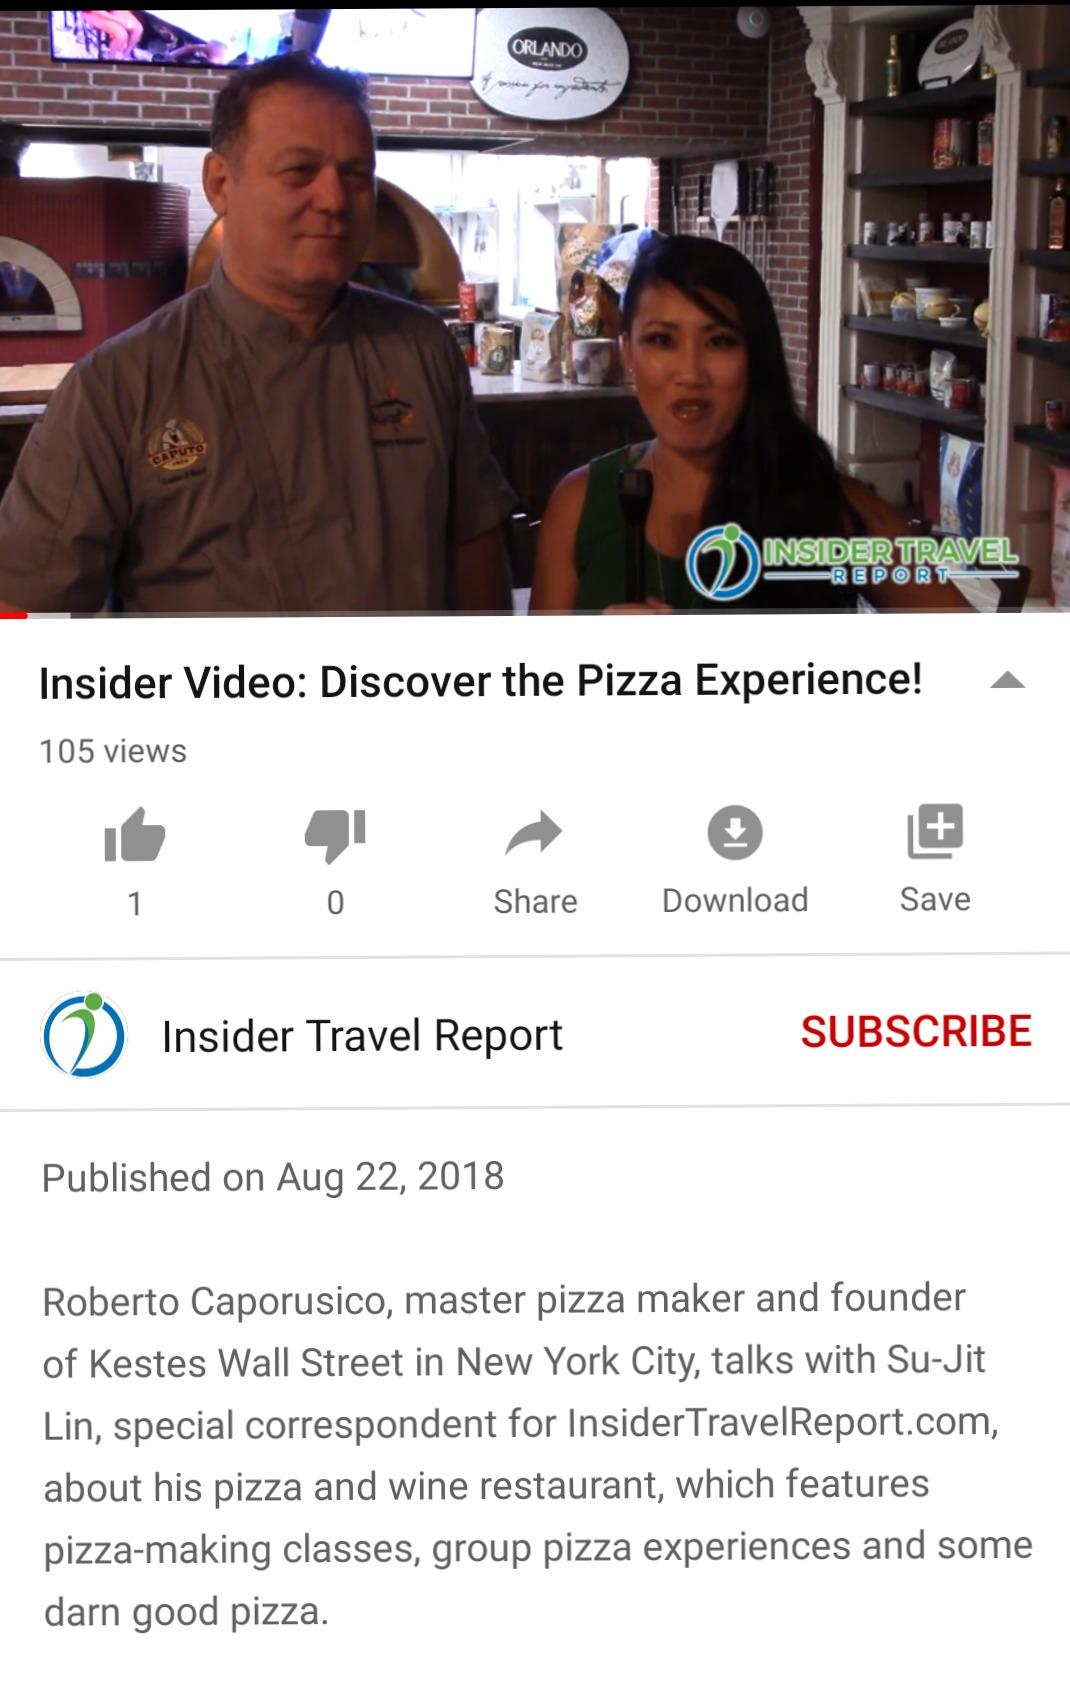 InsiderTravelReport - Keste